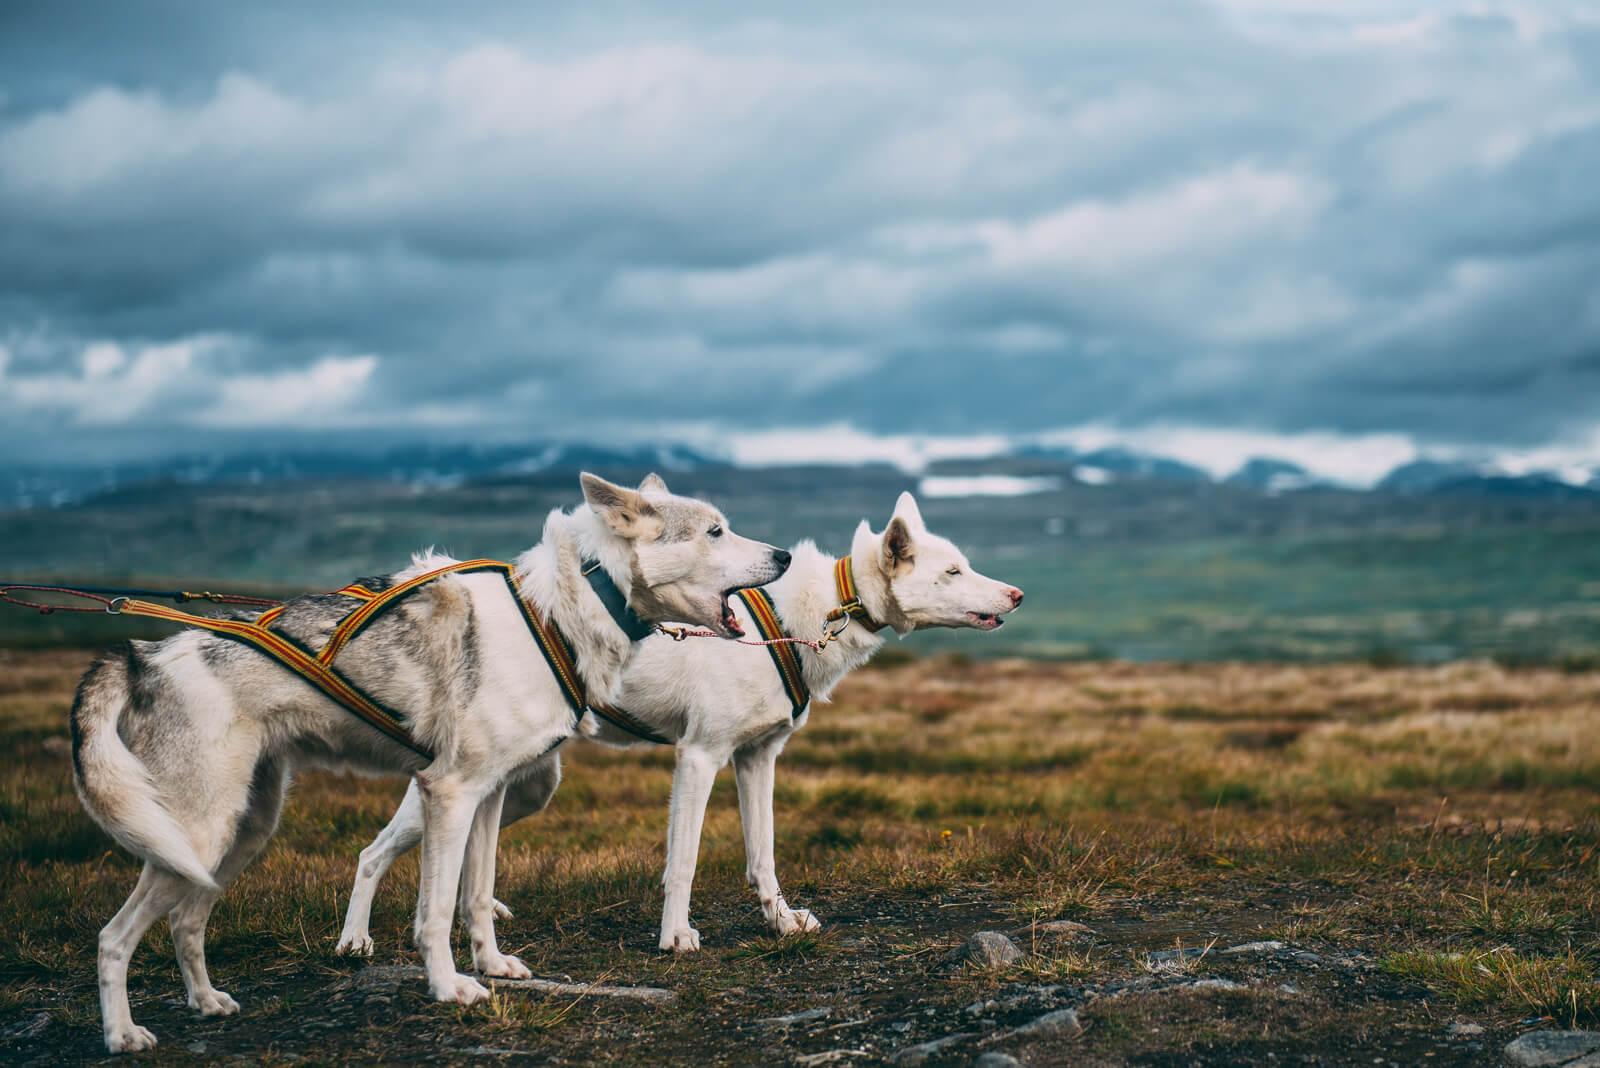 Akiak-the-adventure-dog-freeyork-4